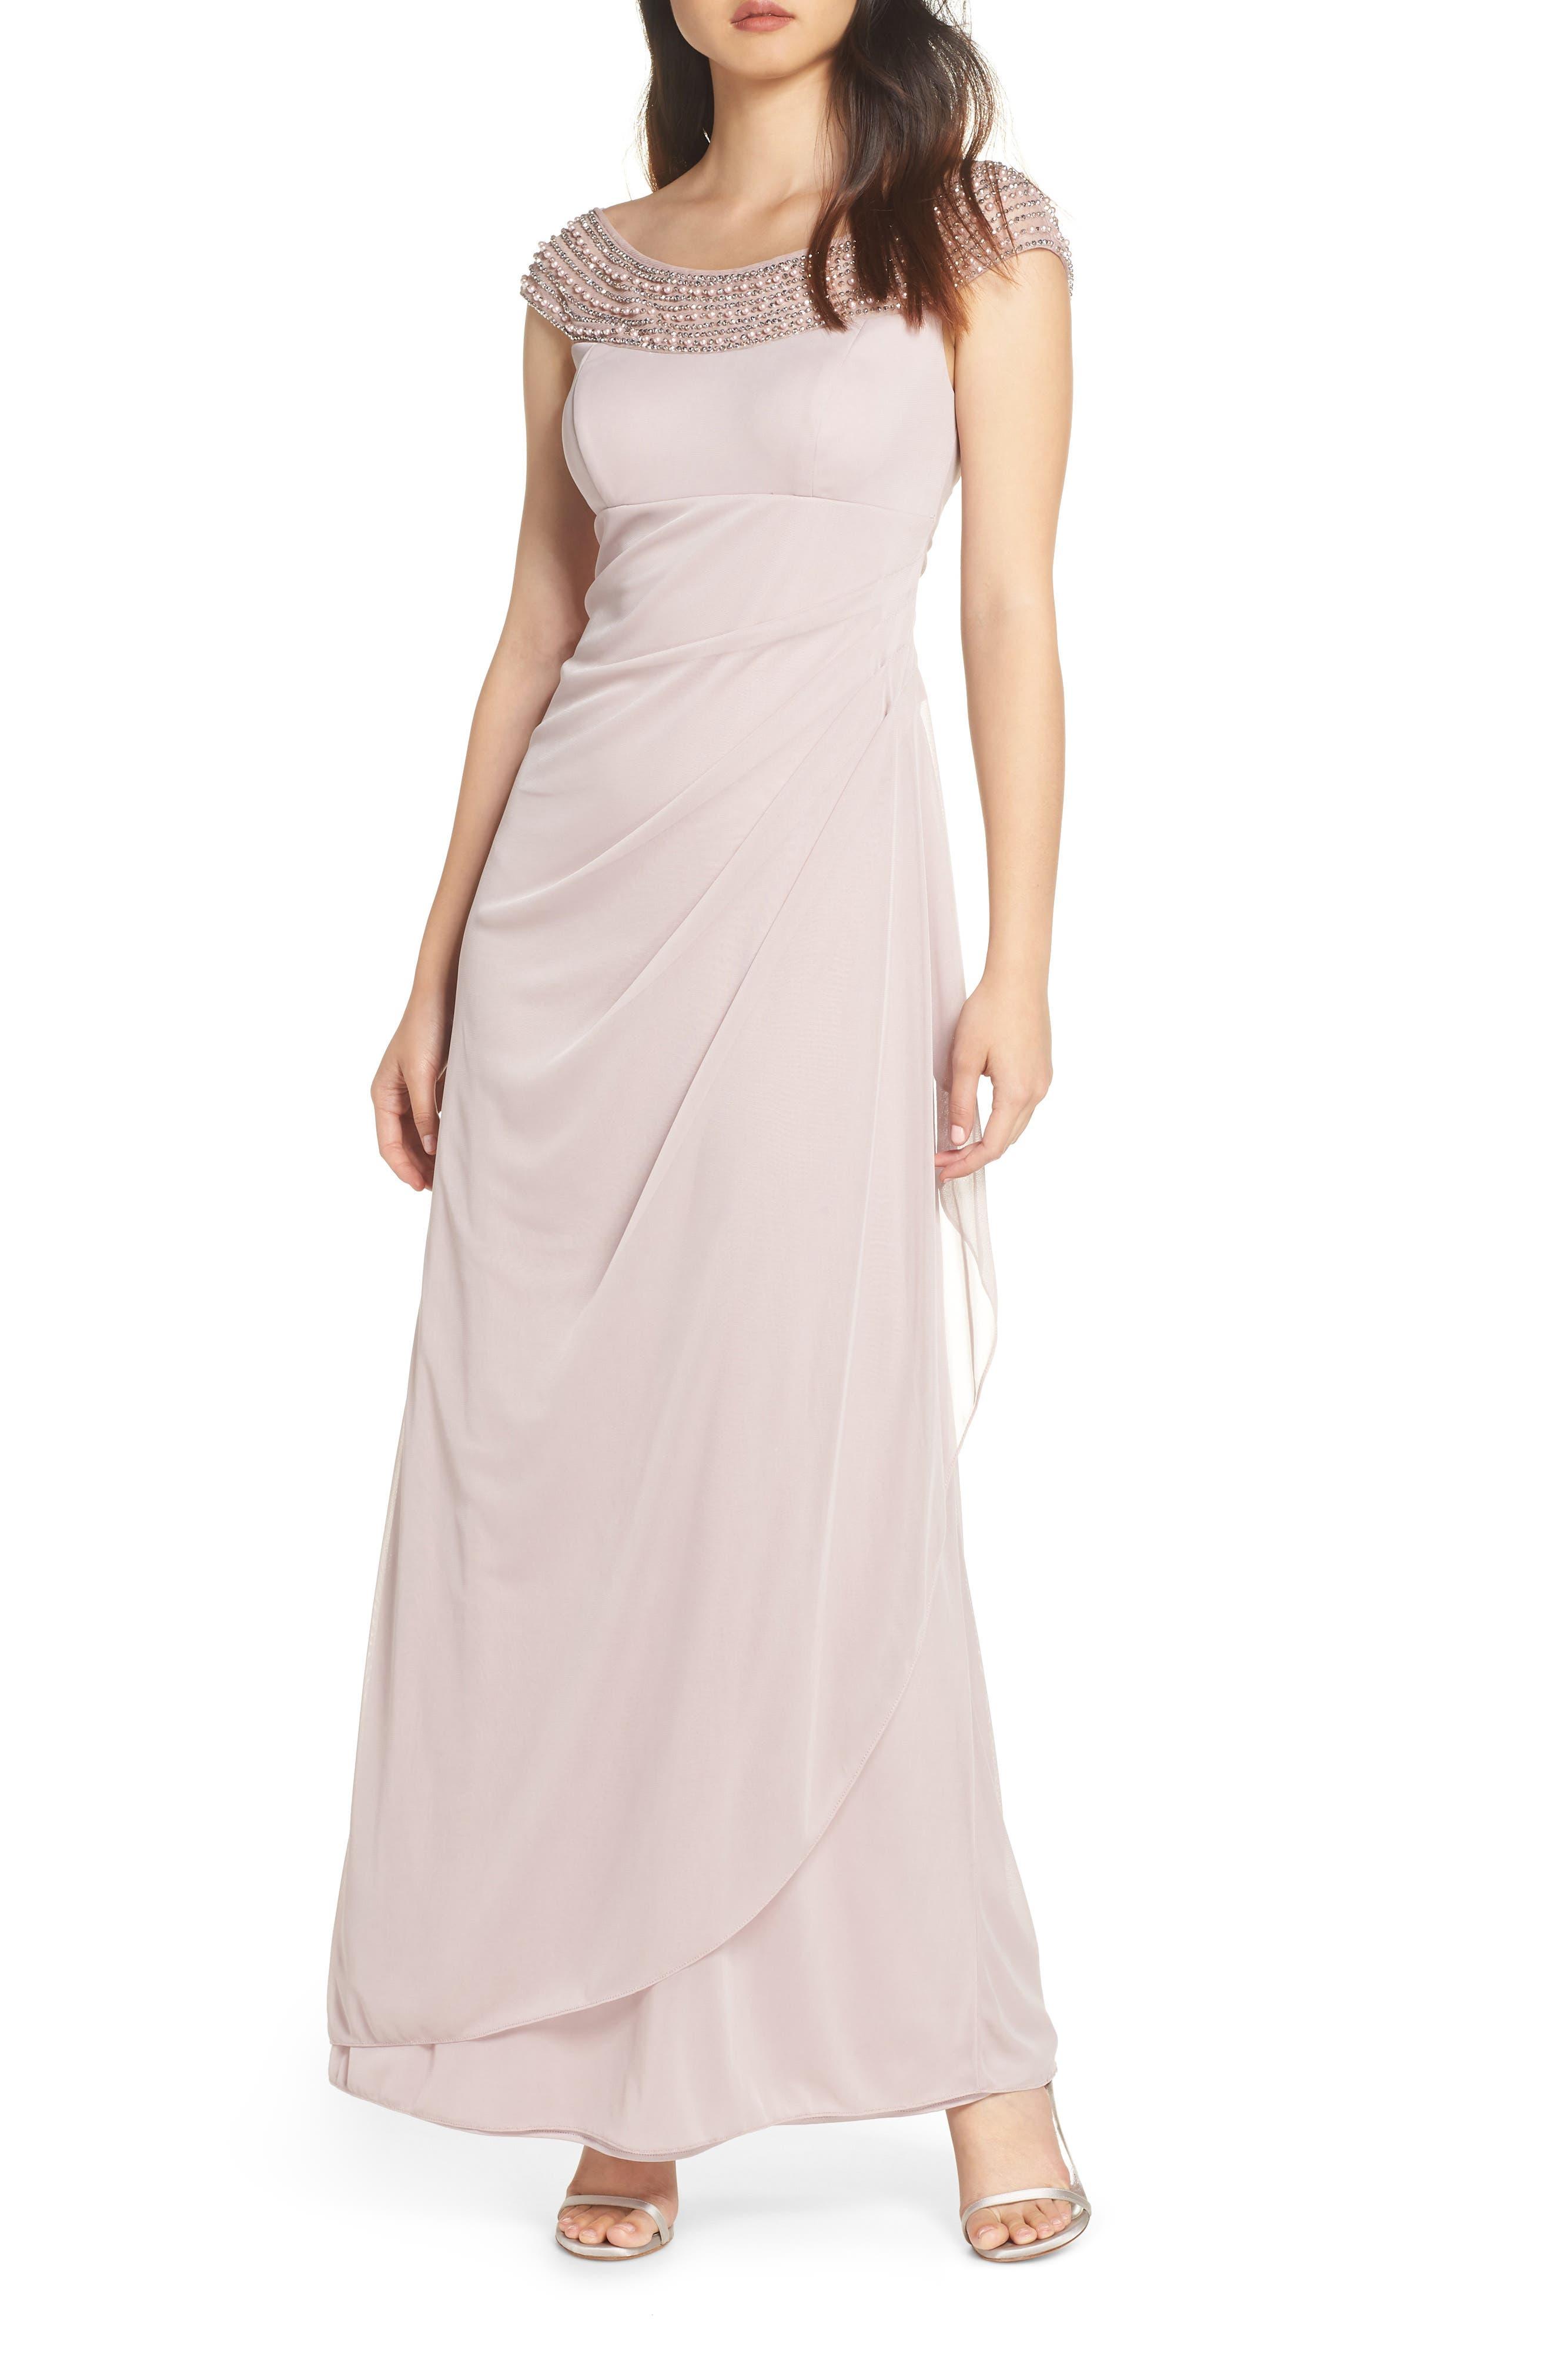 Xscape Designer Dresses